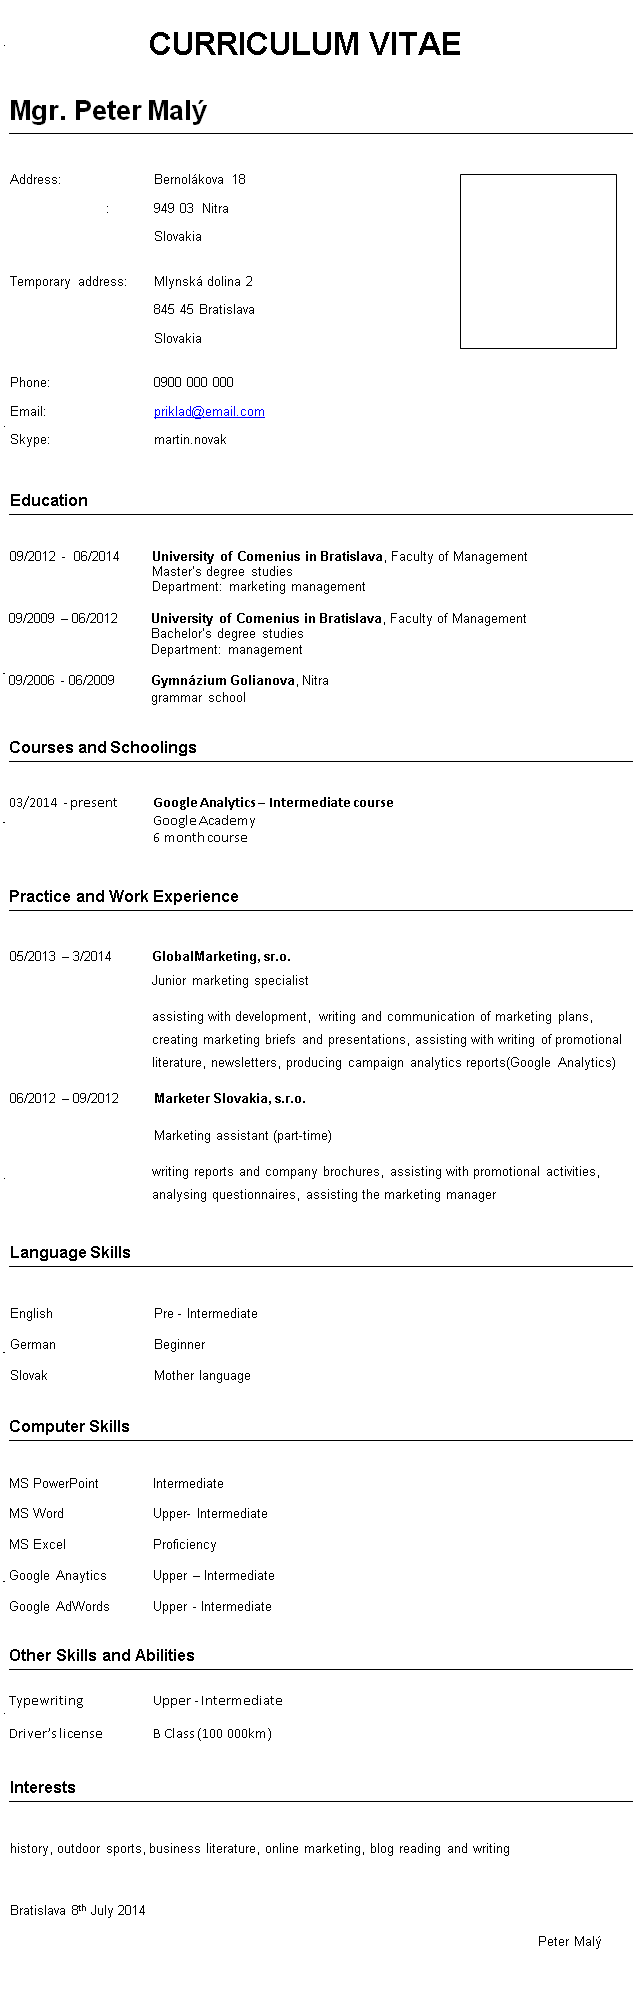 Pozri si v poradni vzor životopisu v anglickom jazyku, ukážka CV v angličtine.